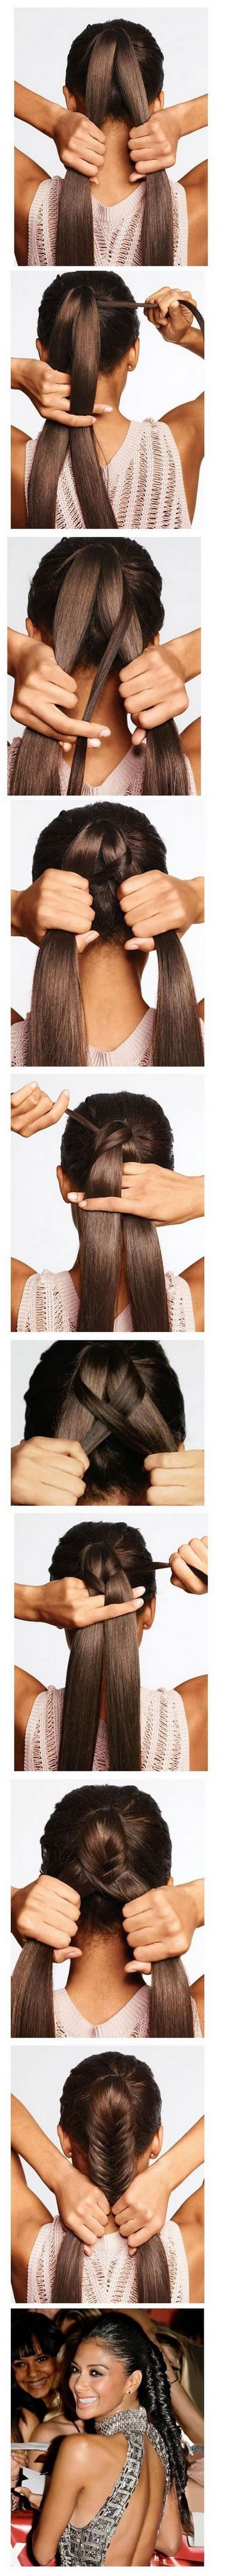 Easy hairstyles for everyday - Peinados rápidos y sencillos para todos los días.